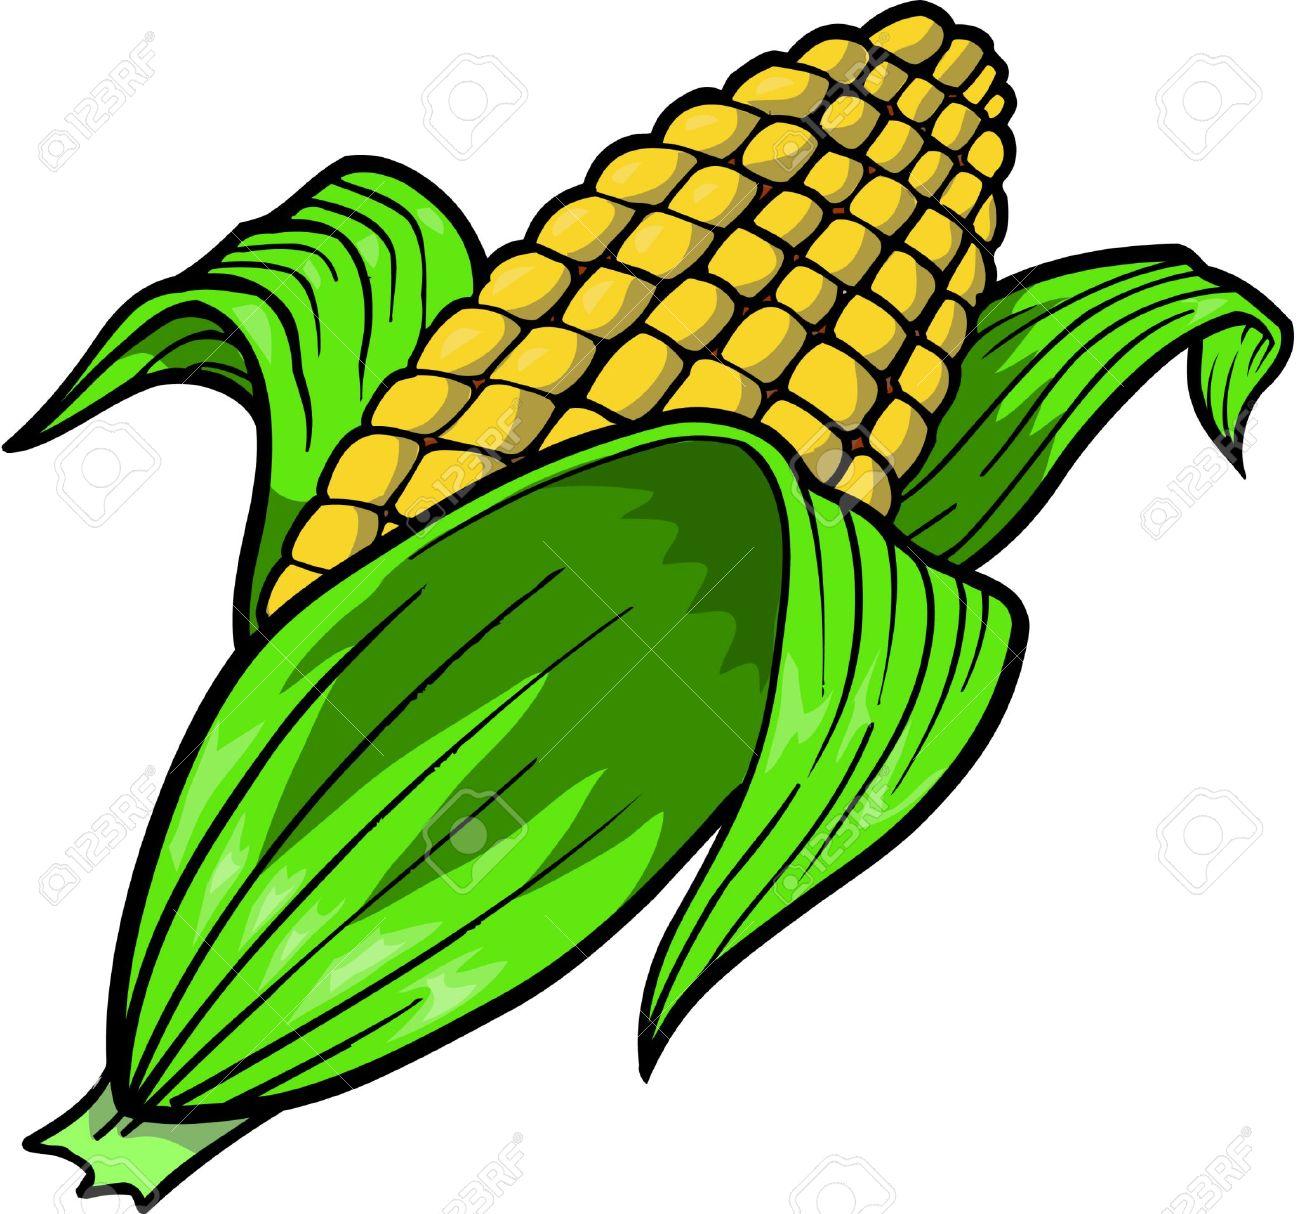 Corn Clipart-corn clipart-11